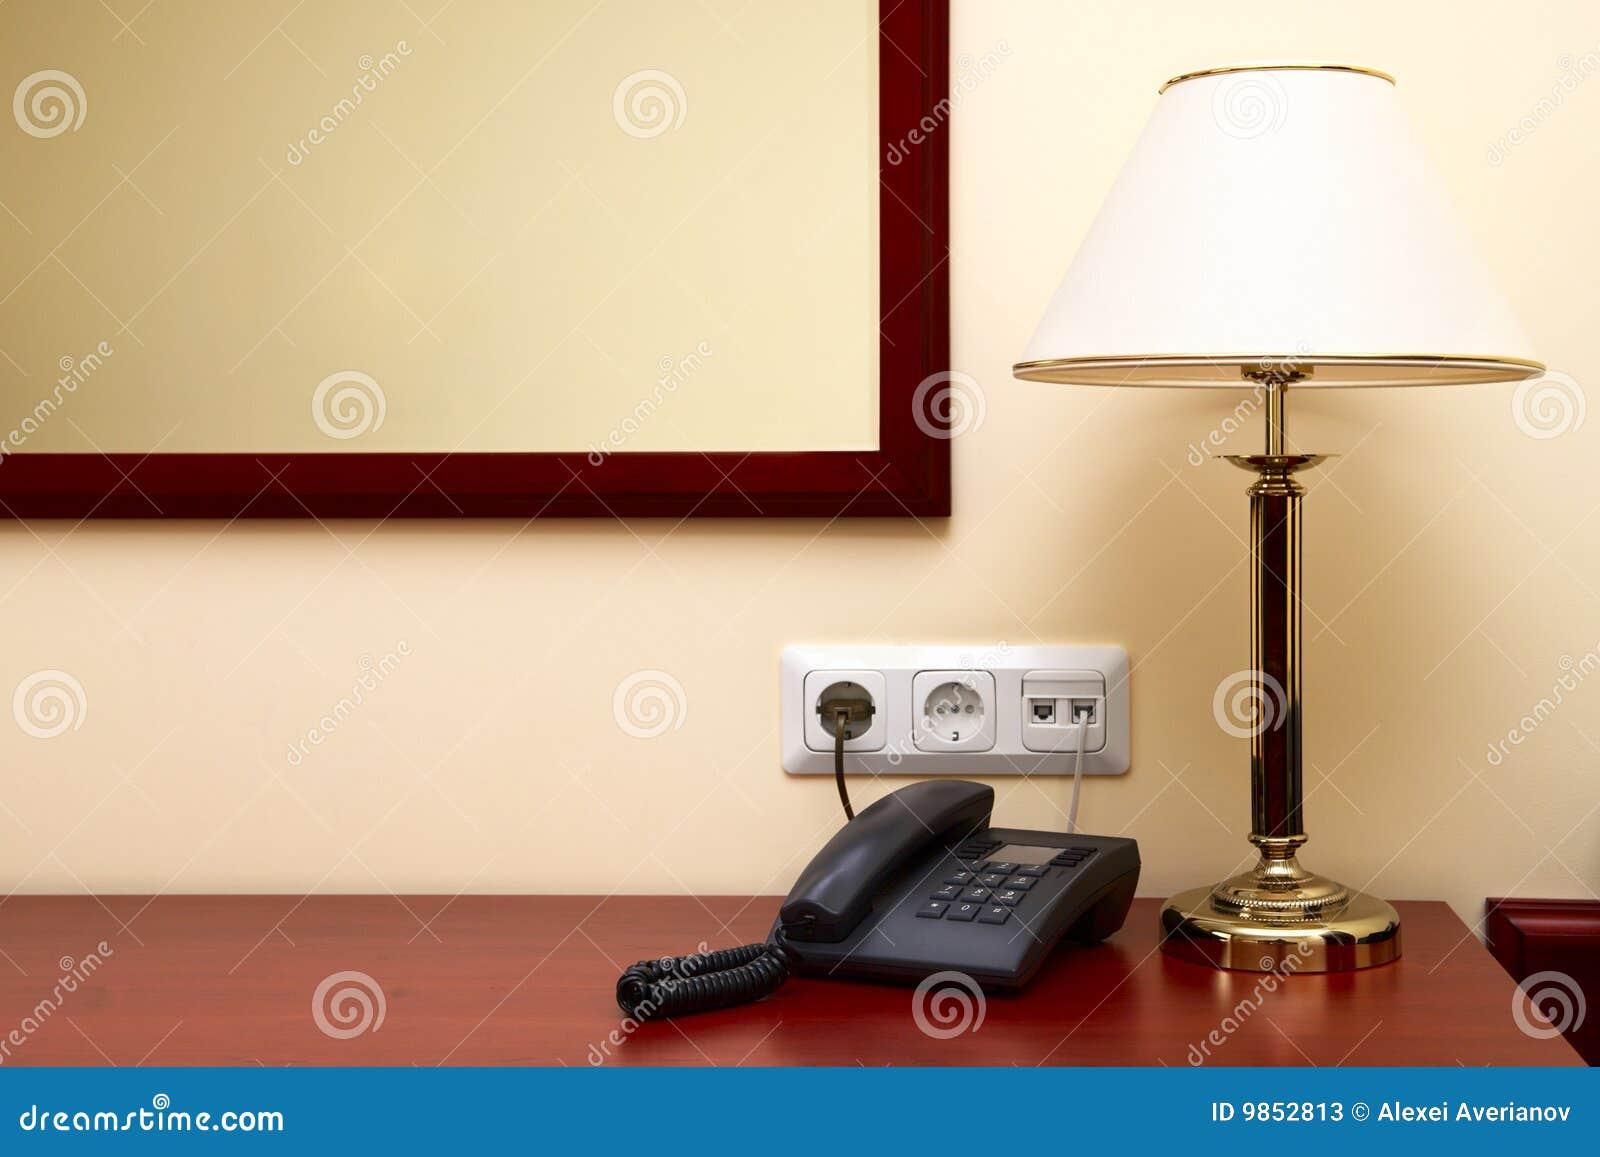 Interiore di un appartamento dell 39 hotel immagine stock for Un aiuola dell appartamento